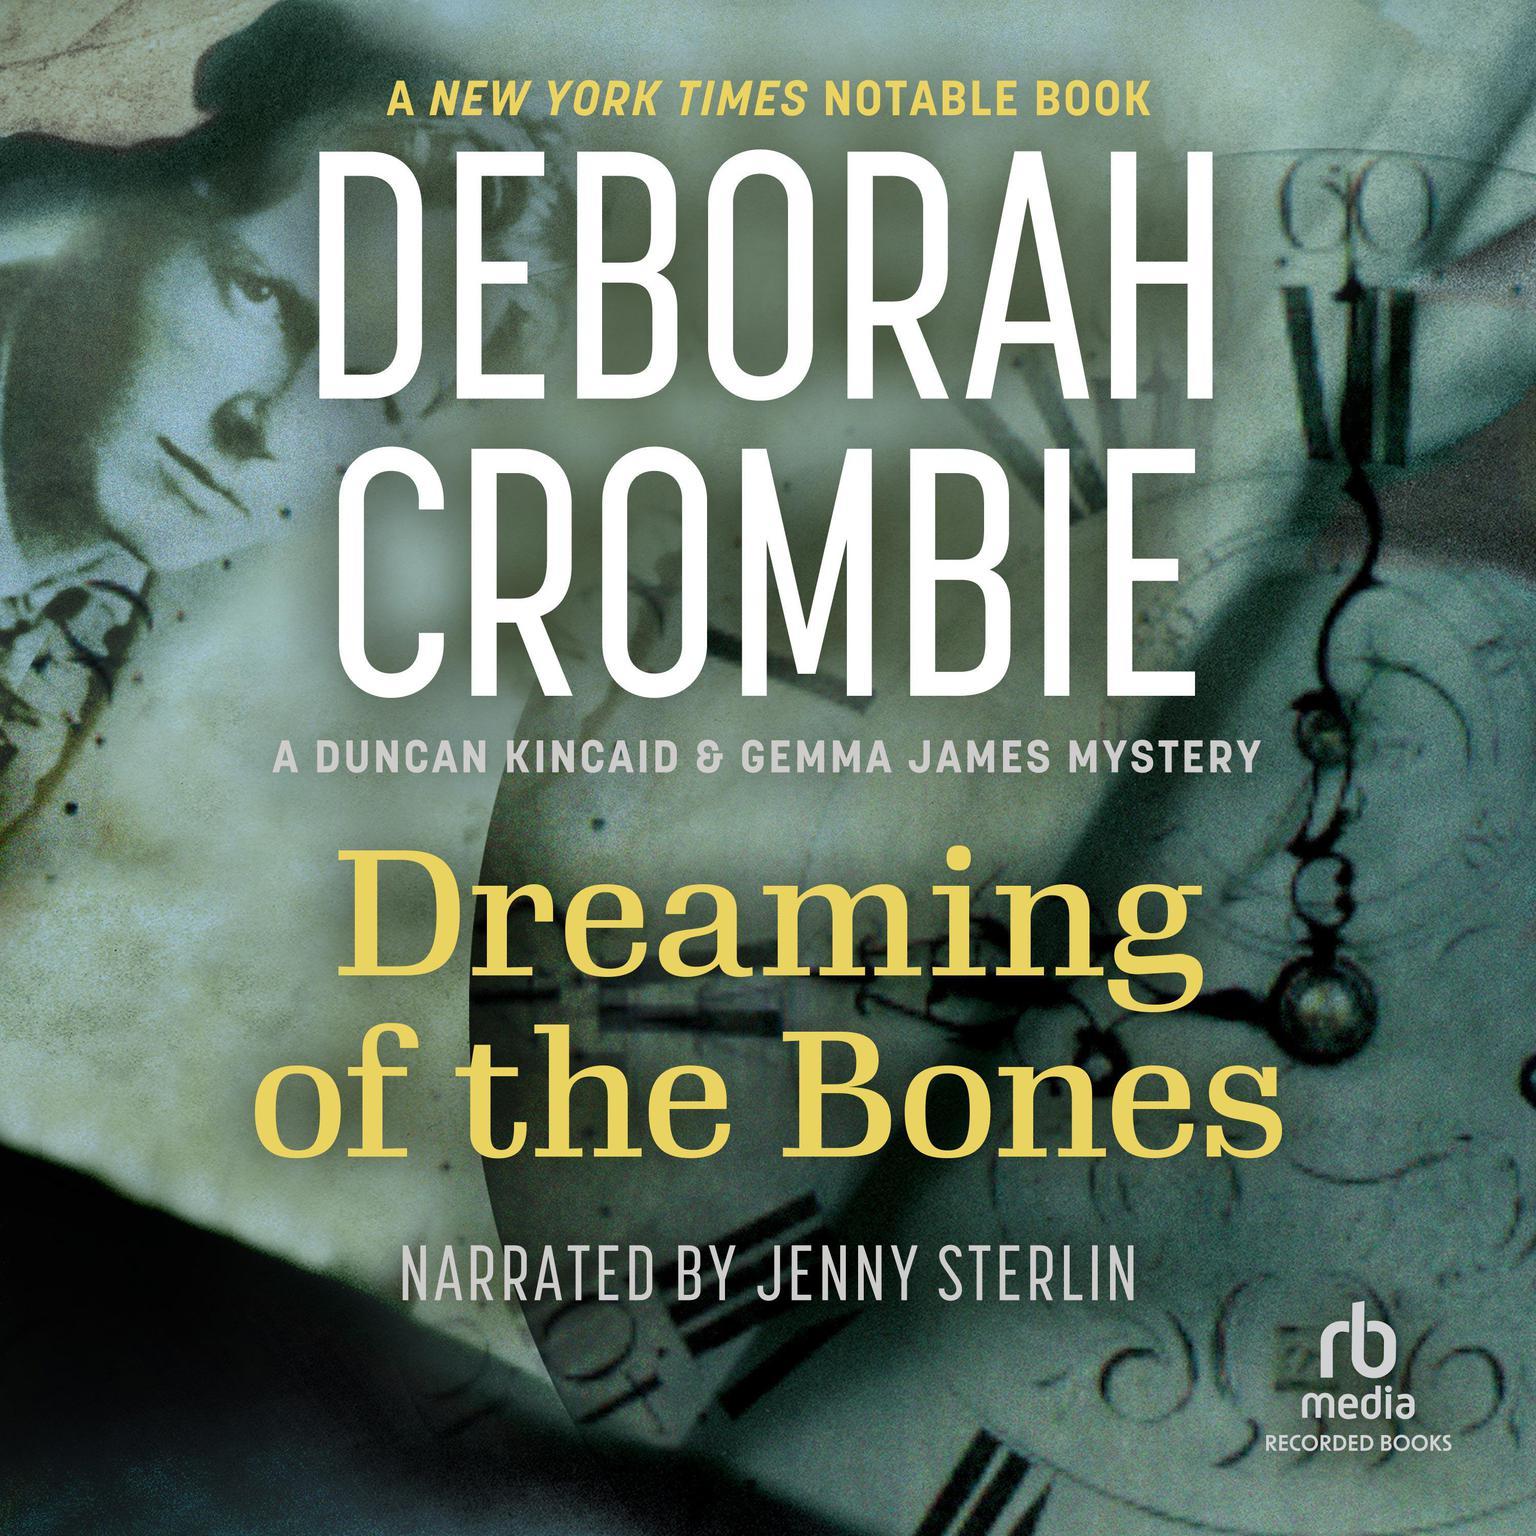 Dreaming of the Bones Audiobook, by Deborah Crombie